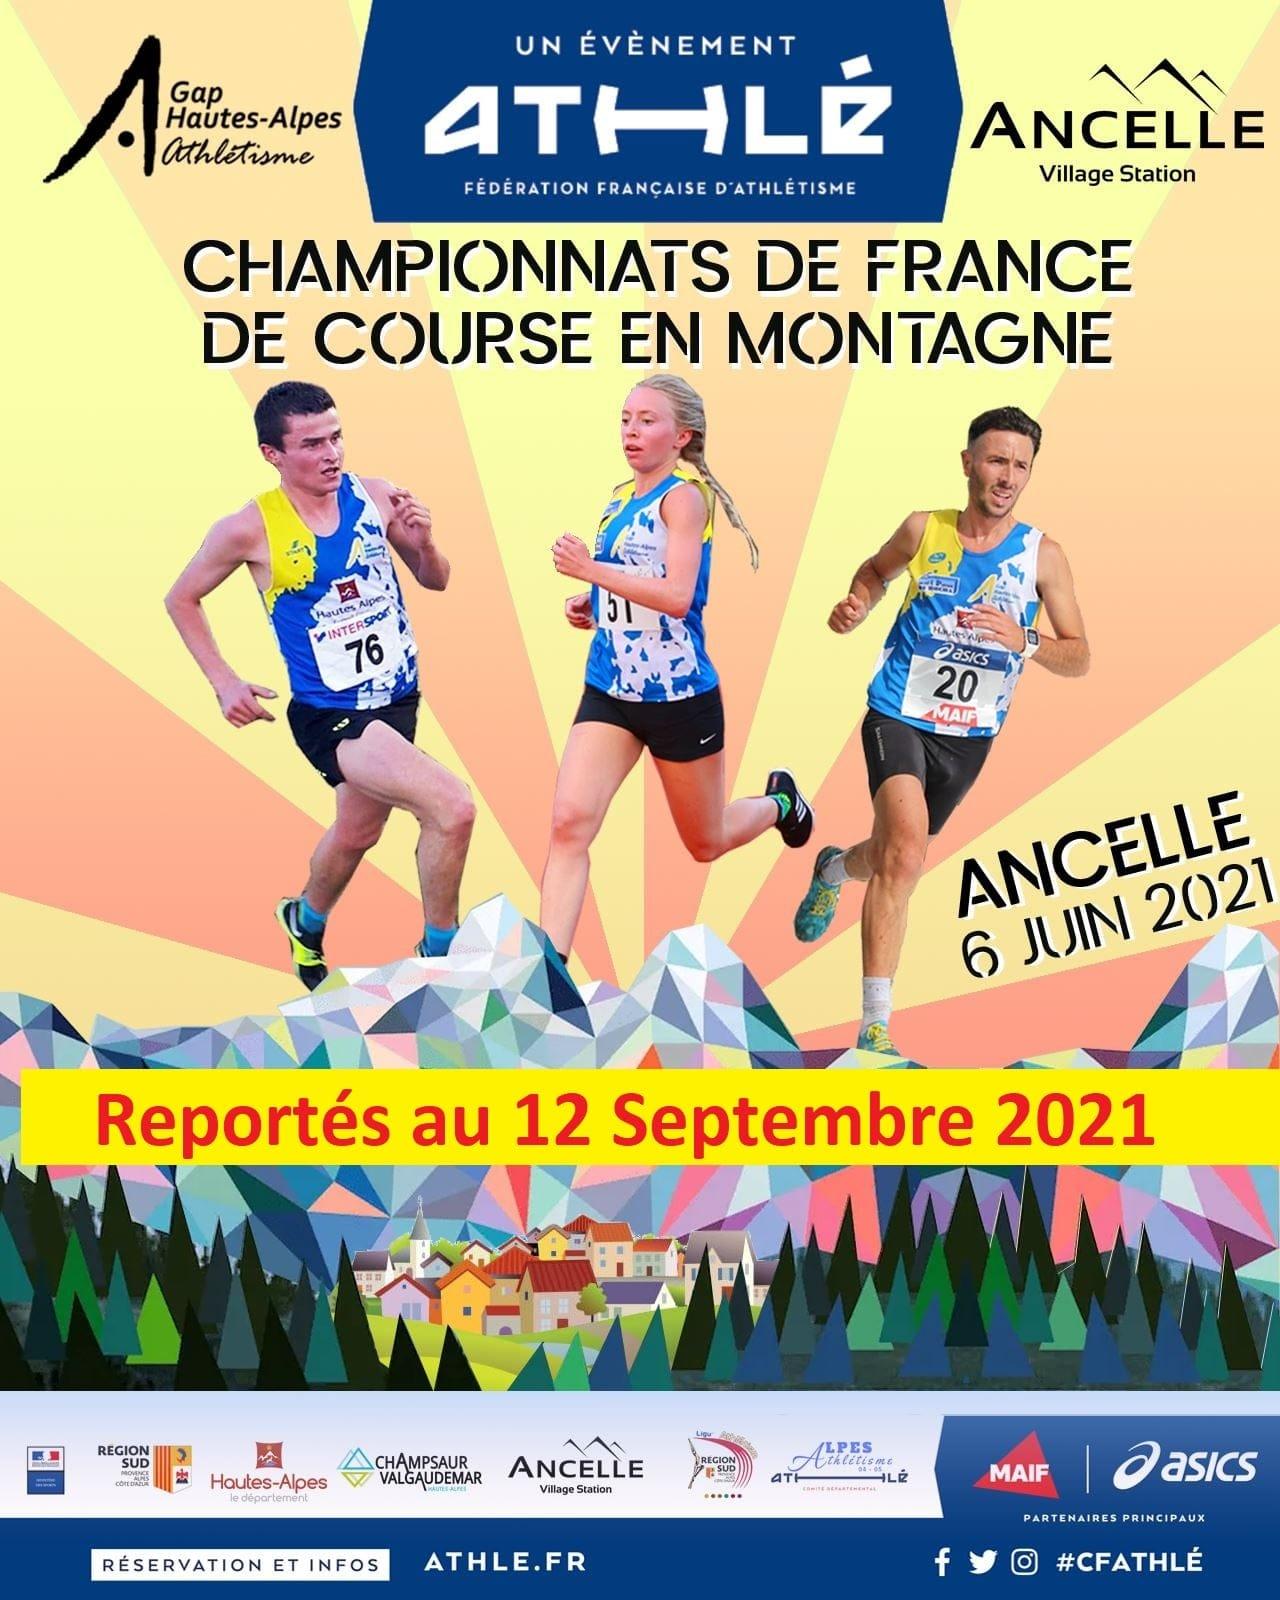 Championnat de France de course en montagne 2021